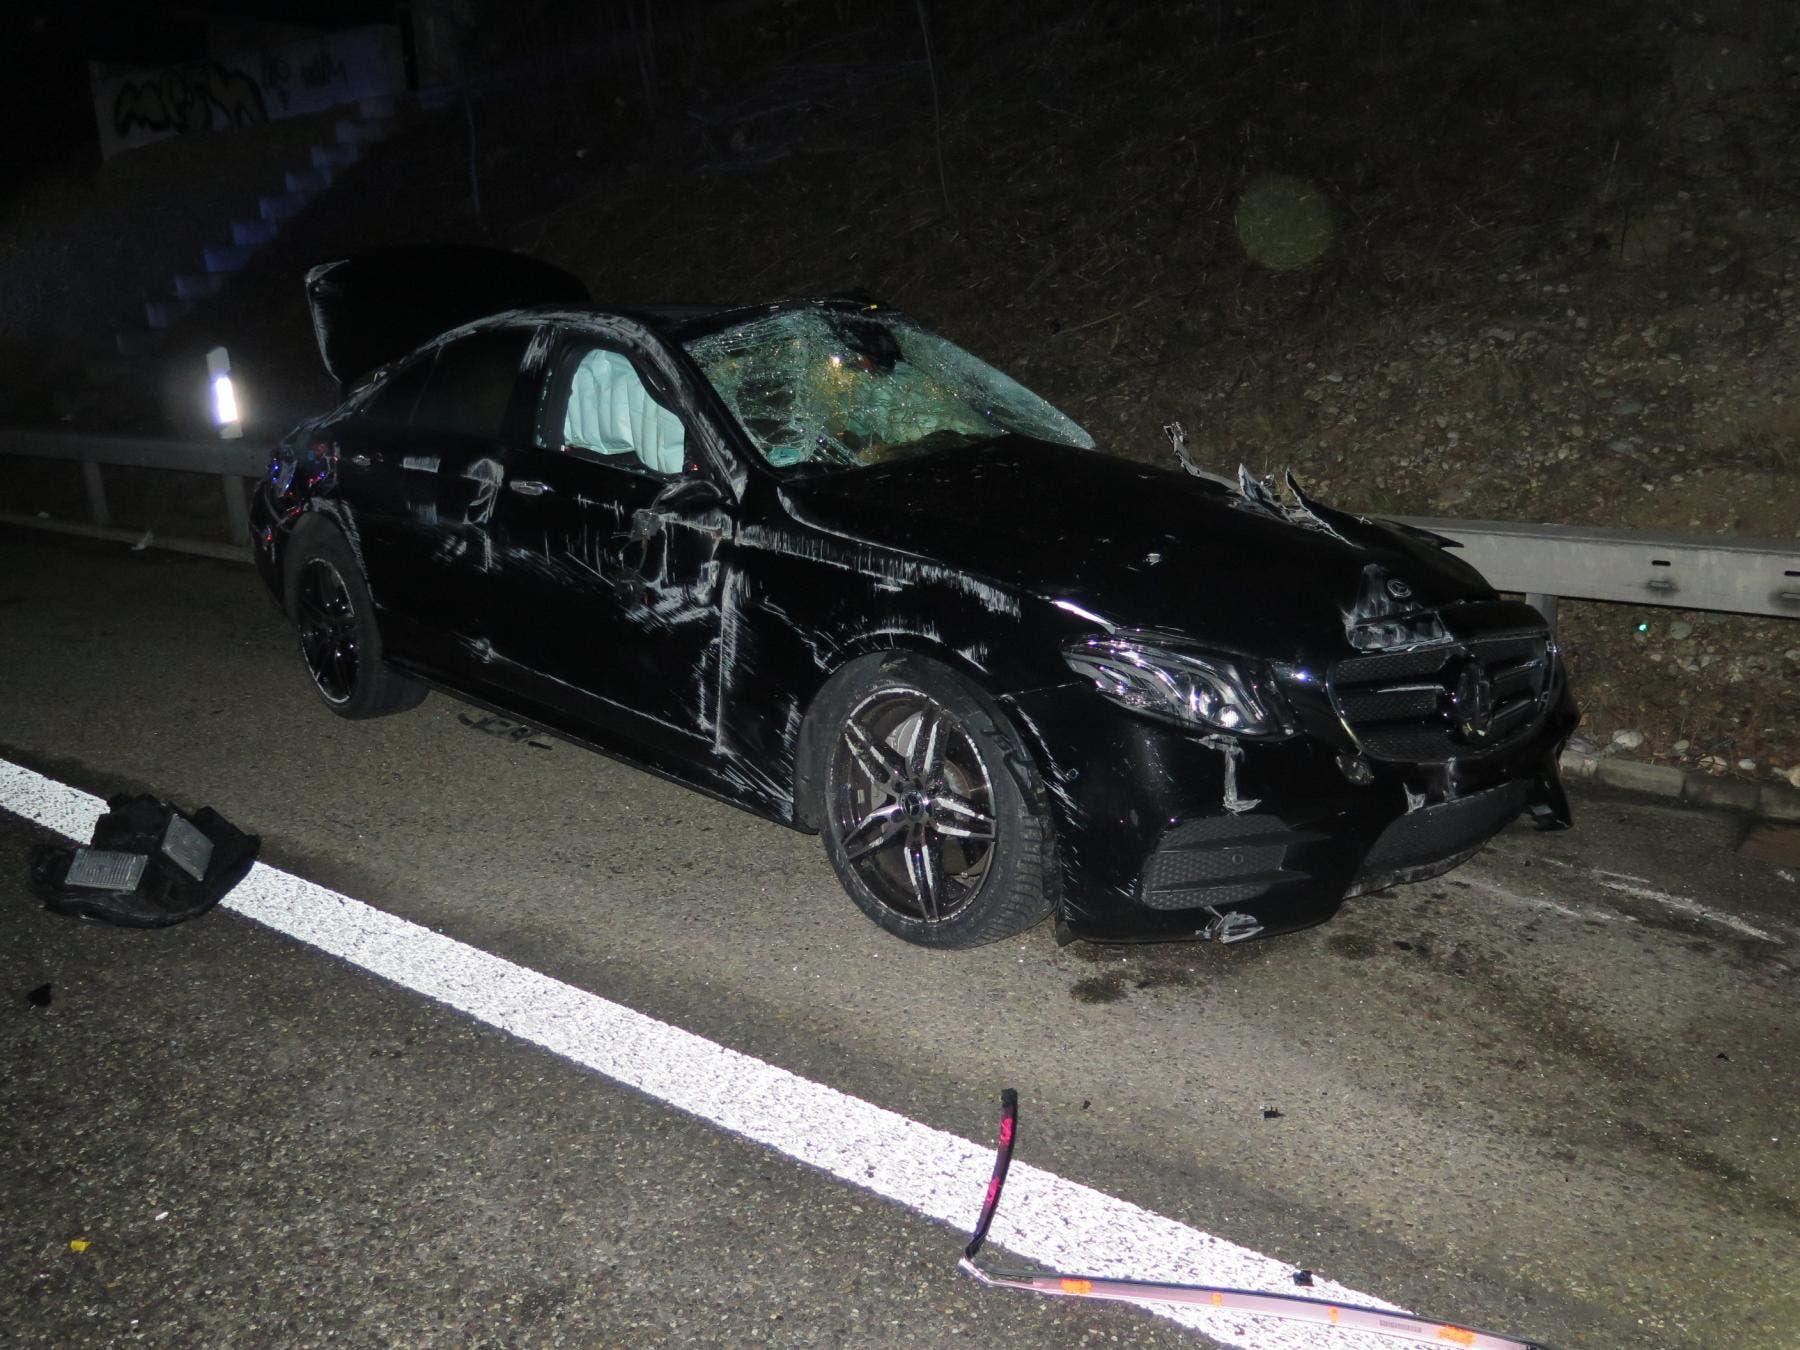 Der Fahrzeuglenker kollidierte frontal mit der Spurtrennungseinrichtung.